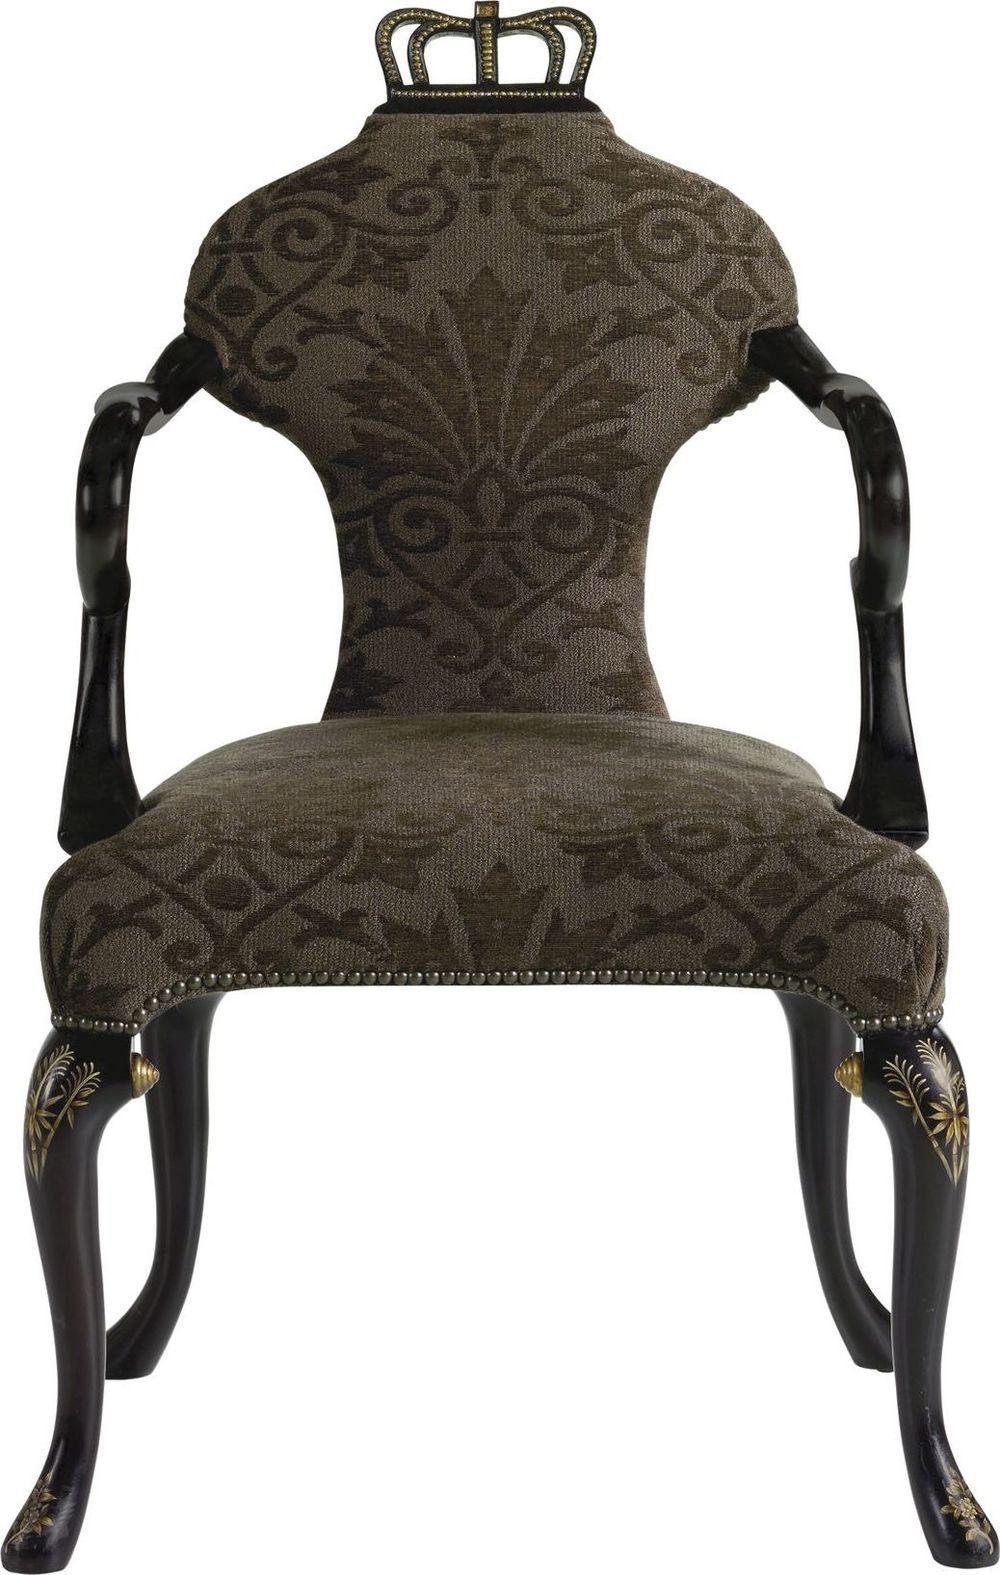 Baker Furniture - Queen Anne Arm Chair